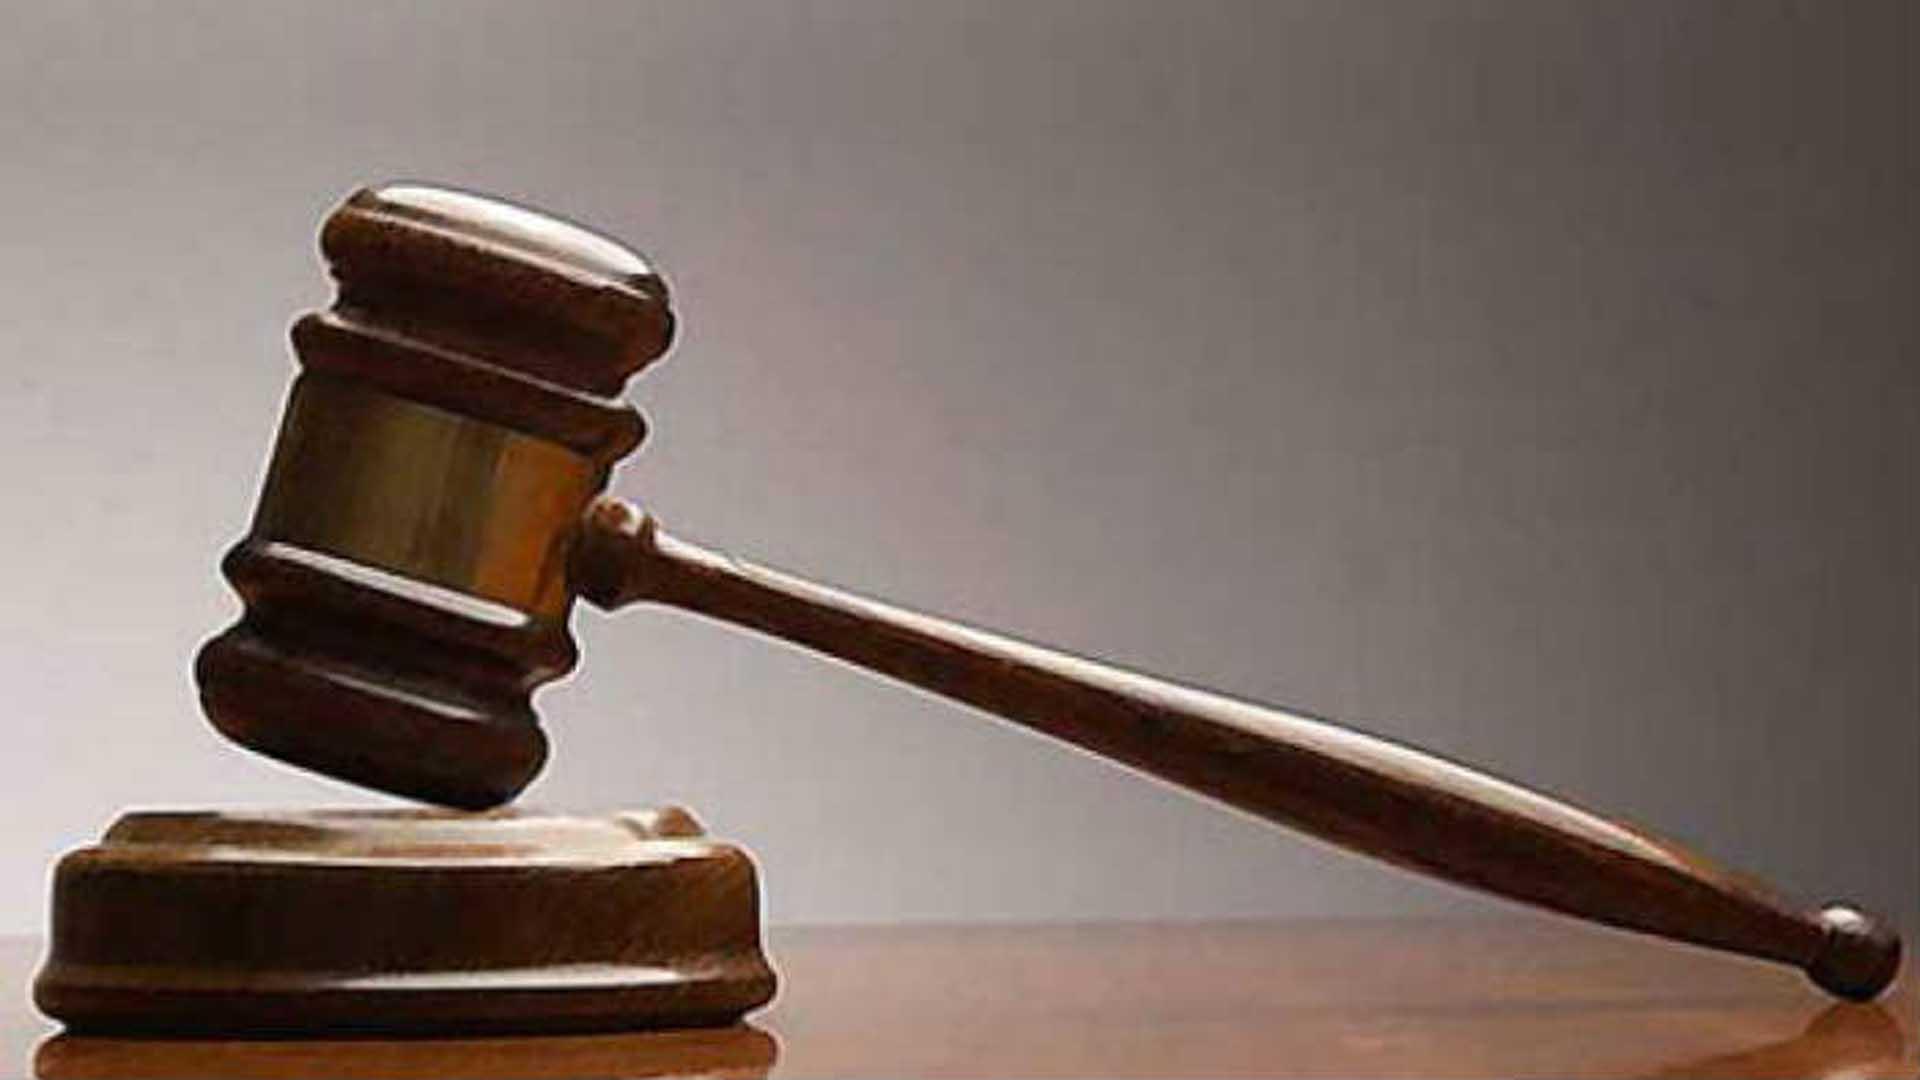 سيادة القانون كأساس وشرط لبناء دولة وطنية حديثة